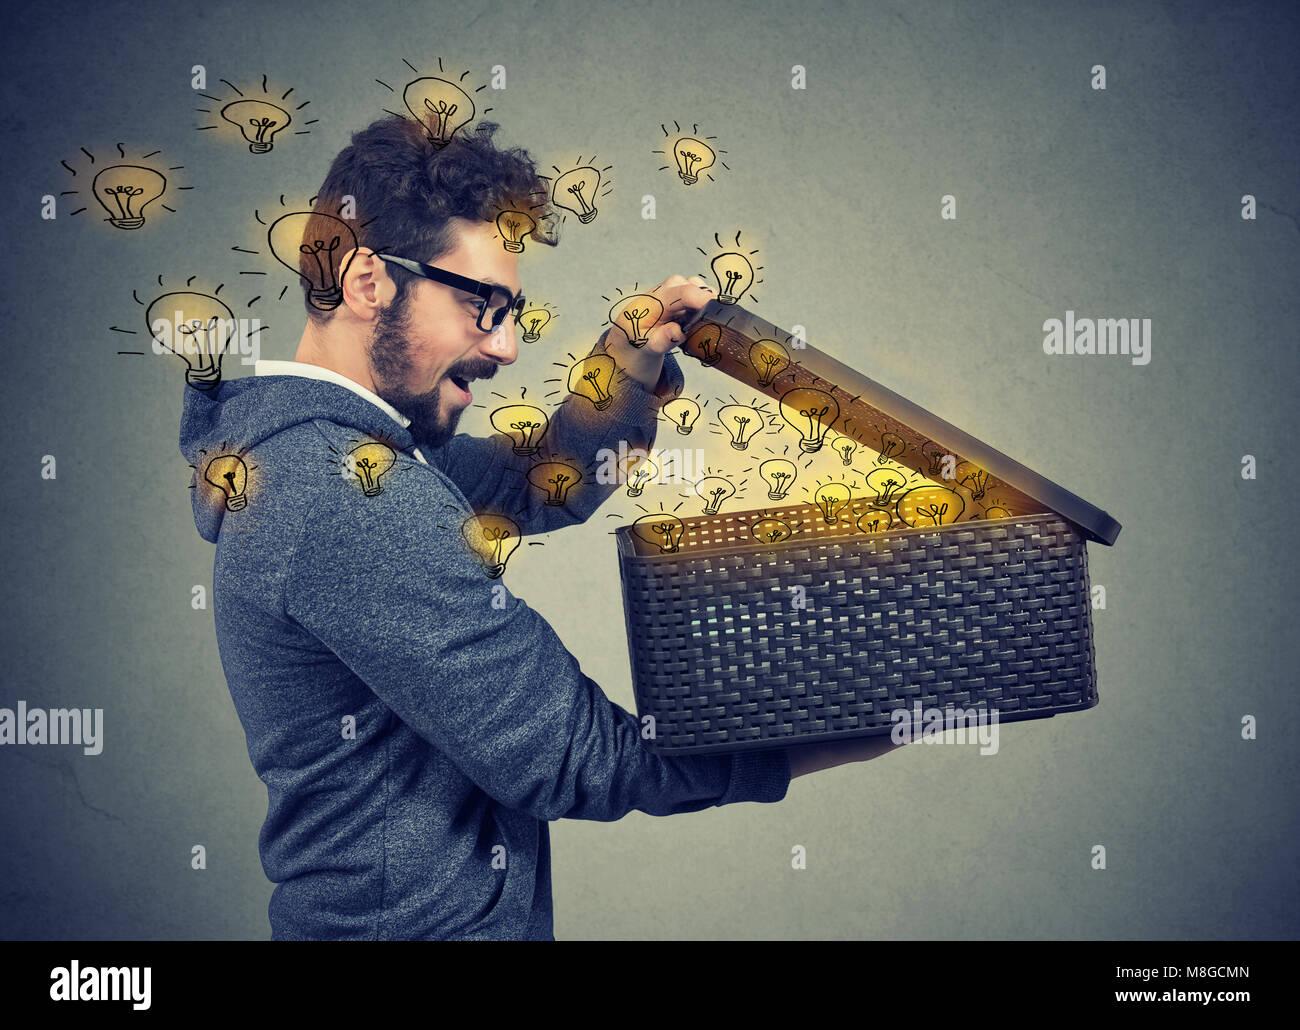 Feliz el hombre sorprendido abriendo una caja con muchas lámparas de luz brillante volador Imagen De Stock